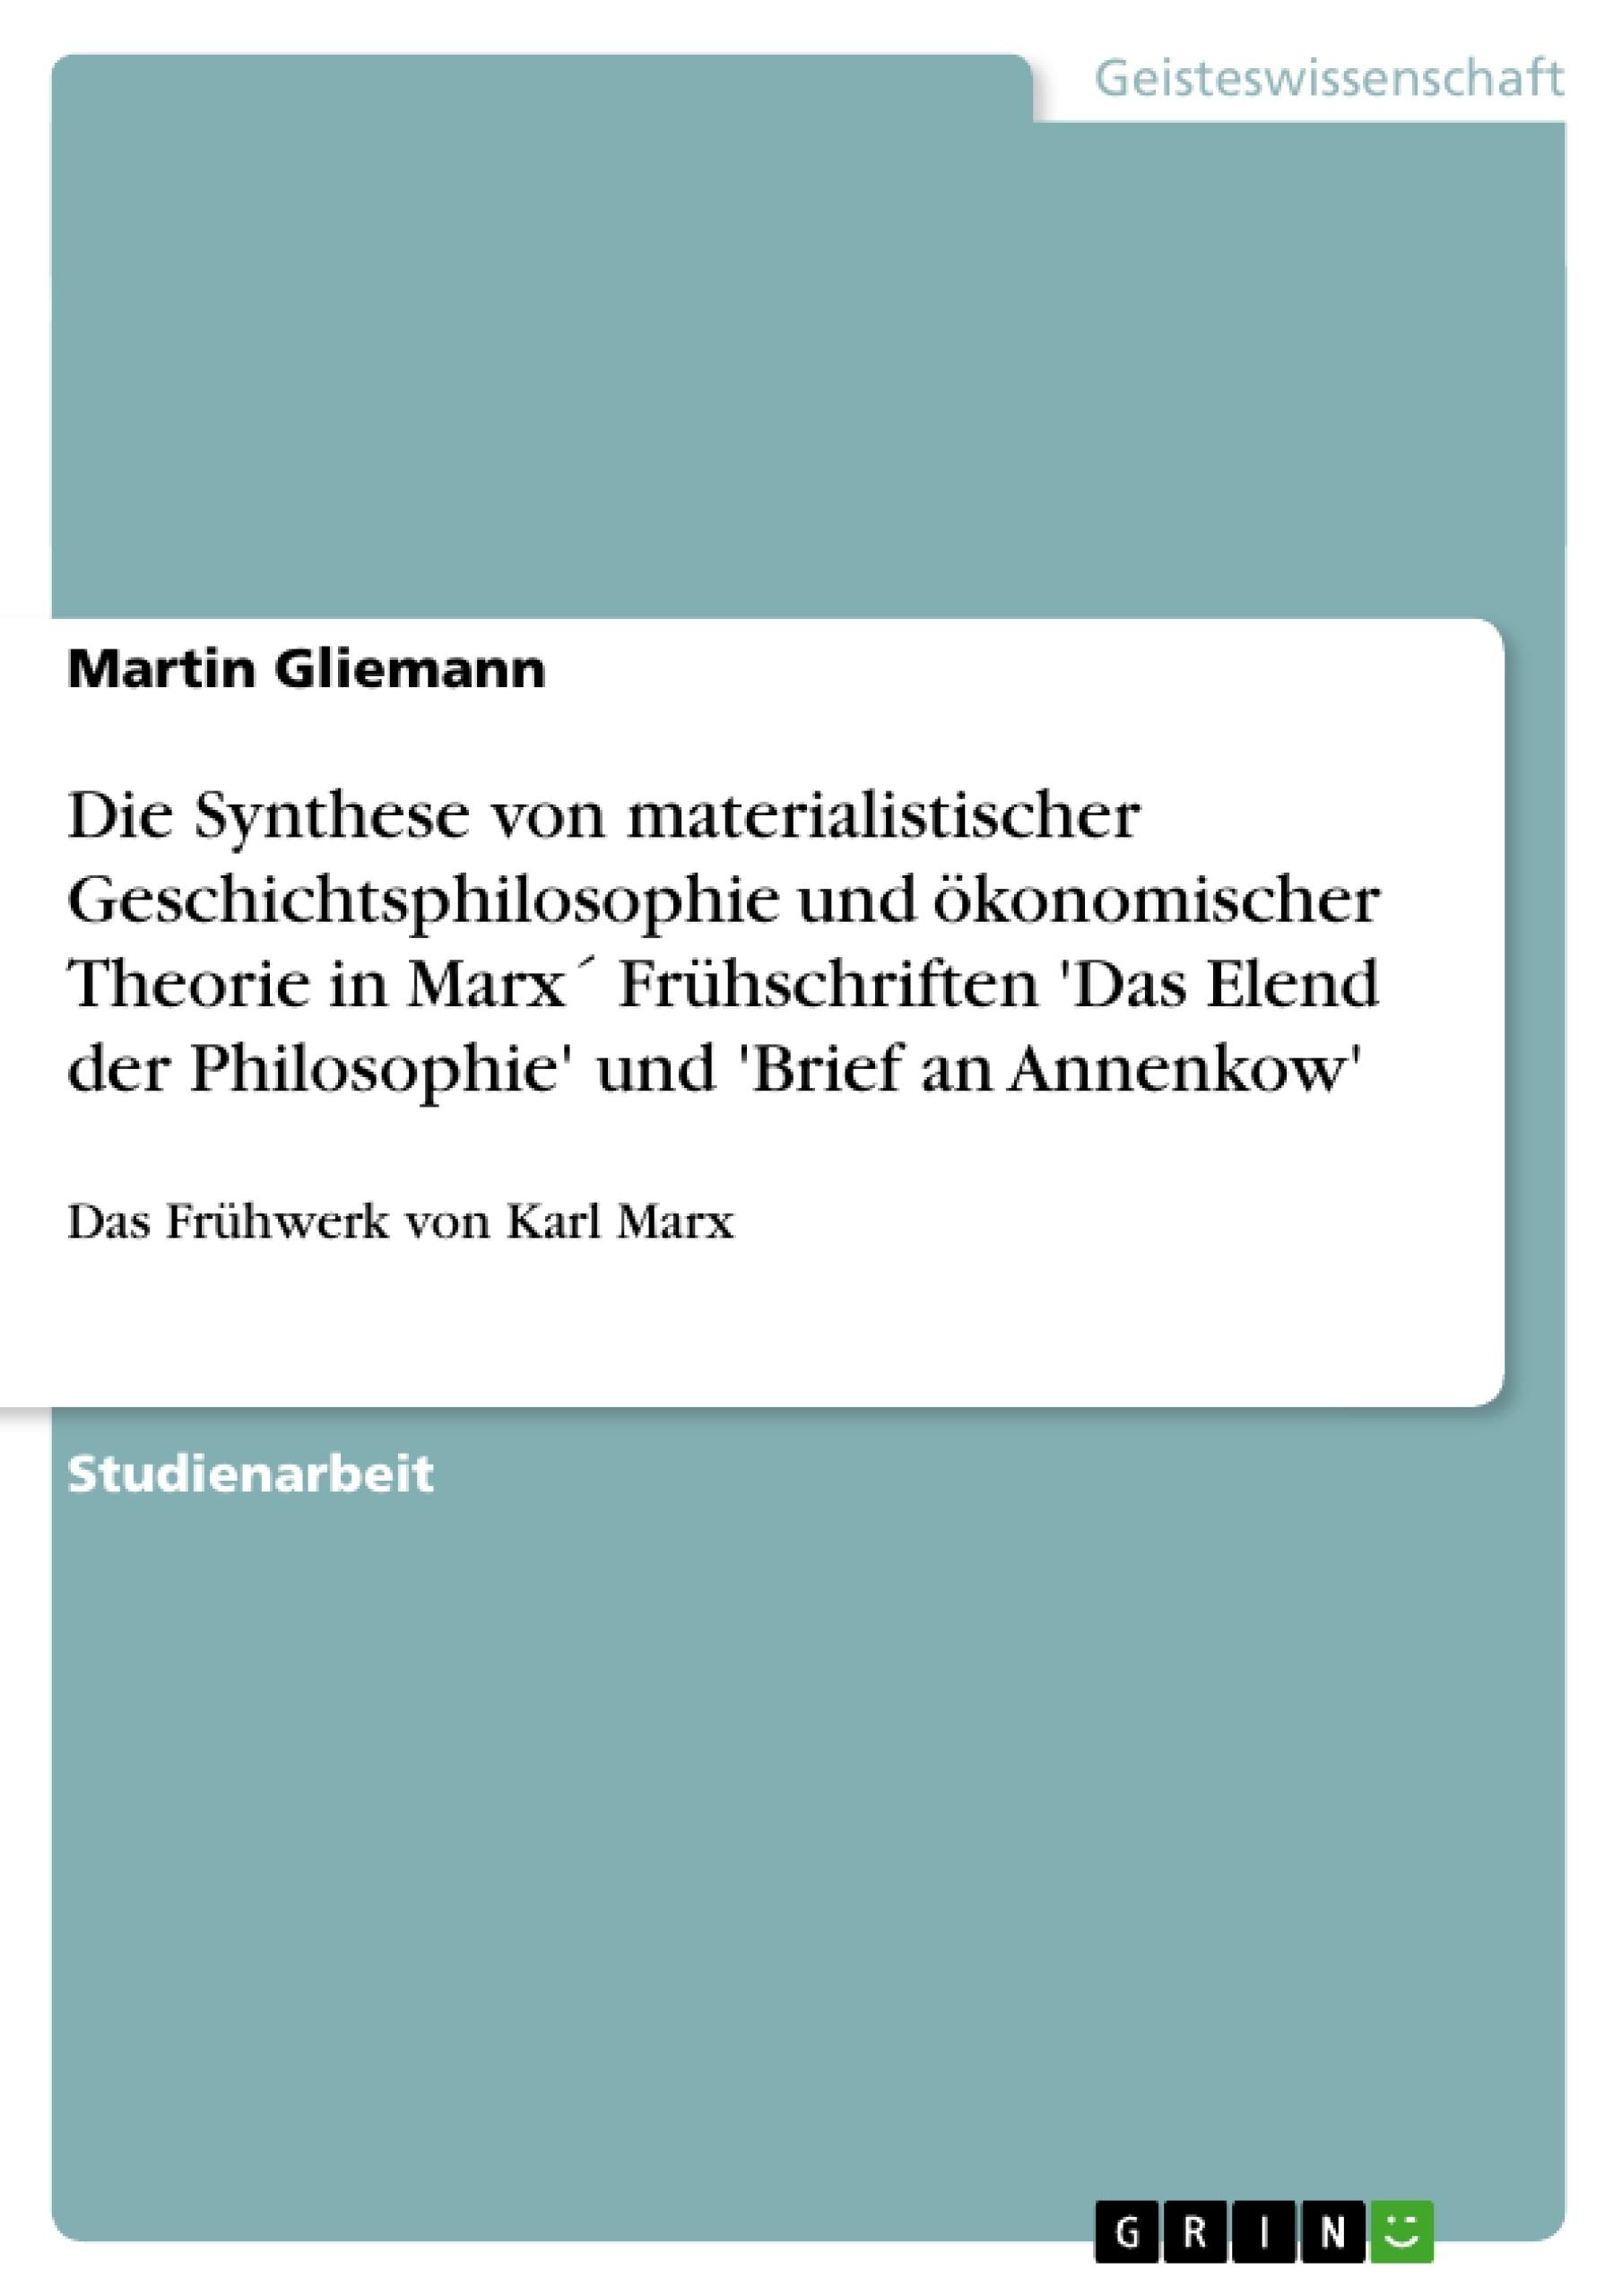 Titel: Die Synthese von materialistischer Geschichtsphilosophie und ökonomischer Theorie in Marx´ Frühschriften 'Das Elend der Philosophie' und 'Brief an Annenkow'